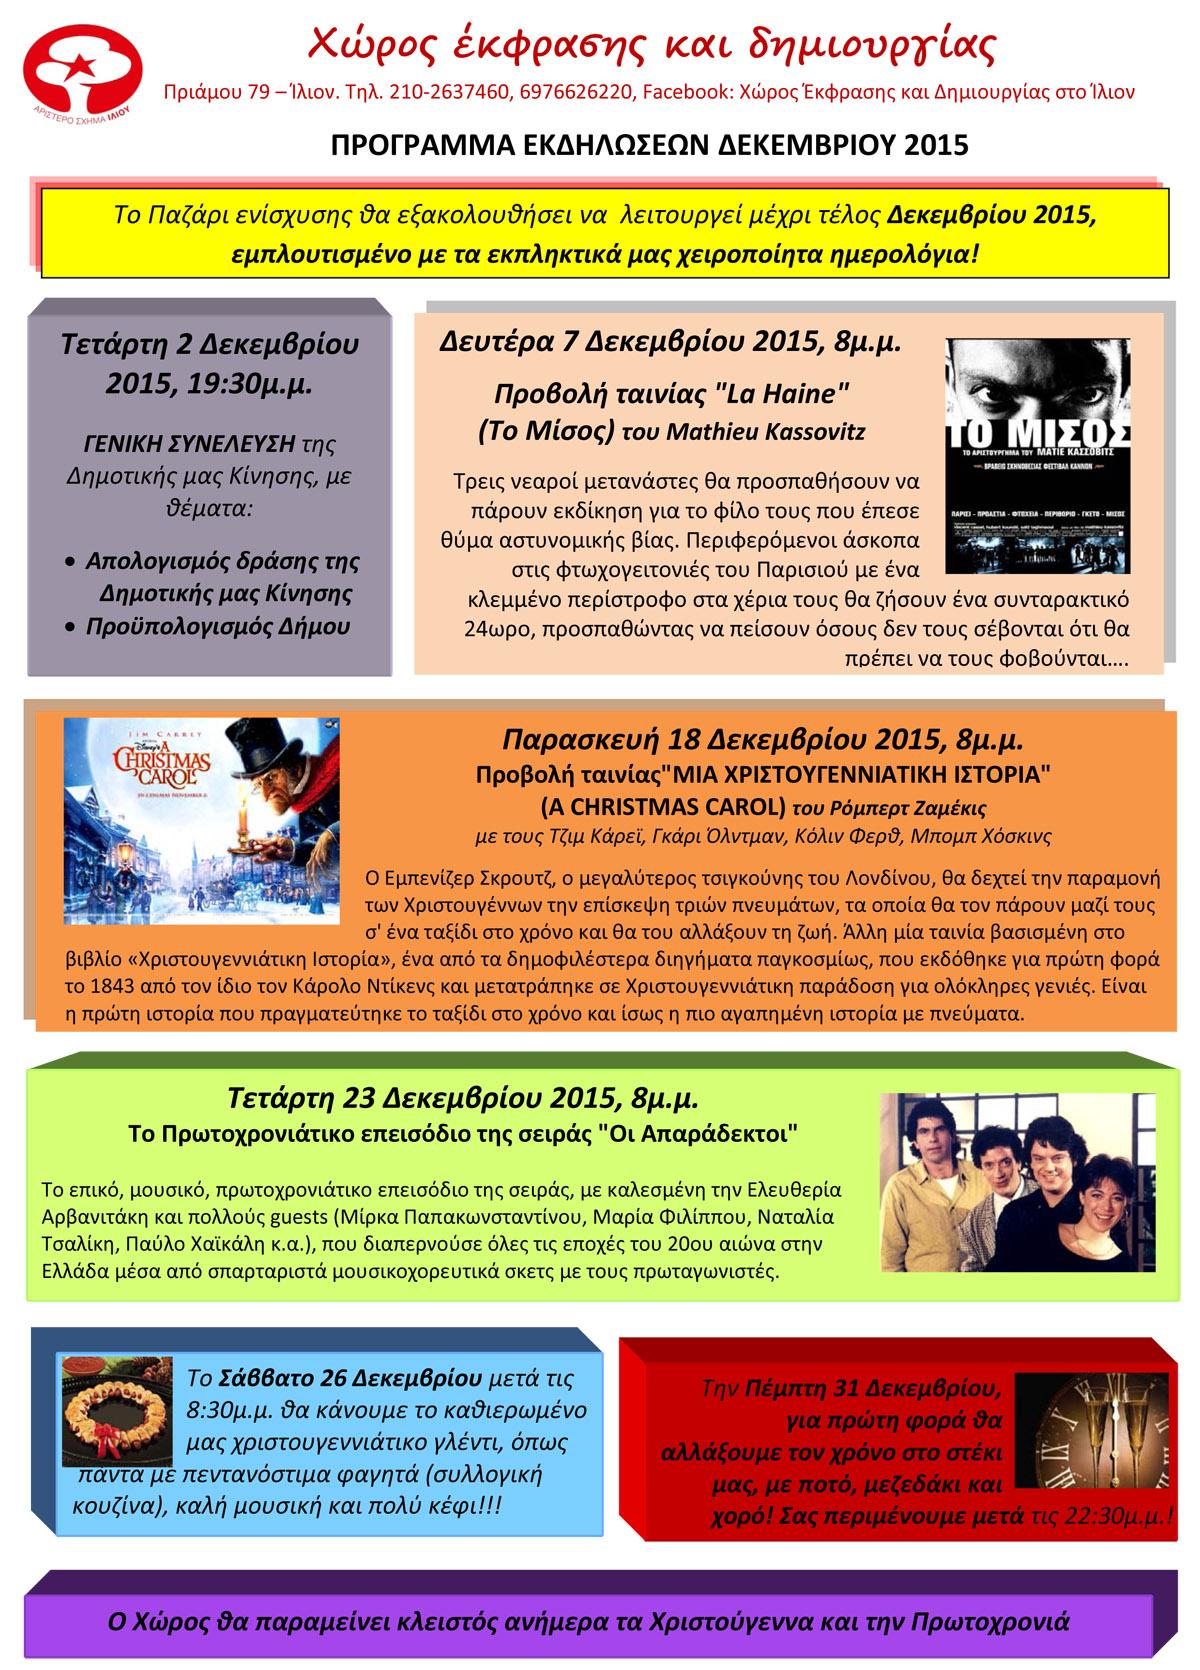 Πρόγραμμα Δεκ 2015